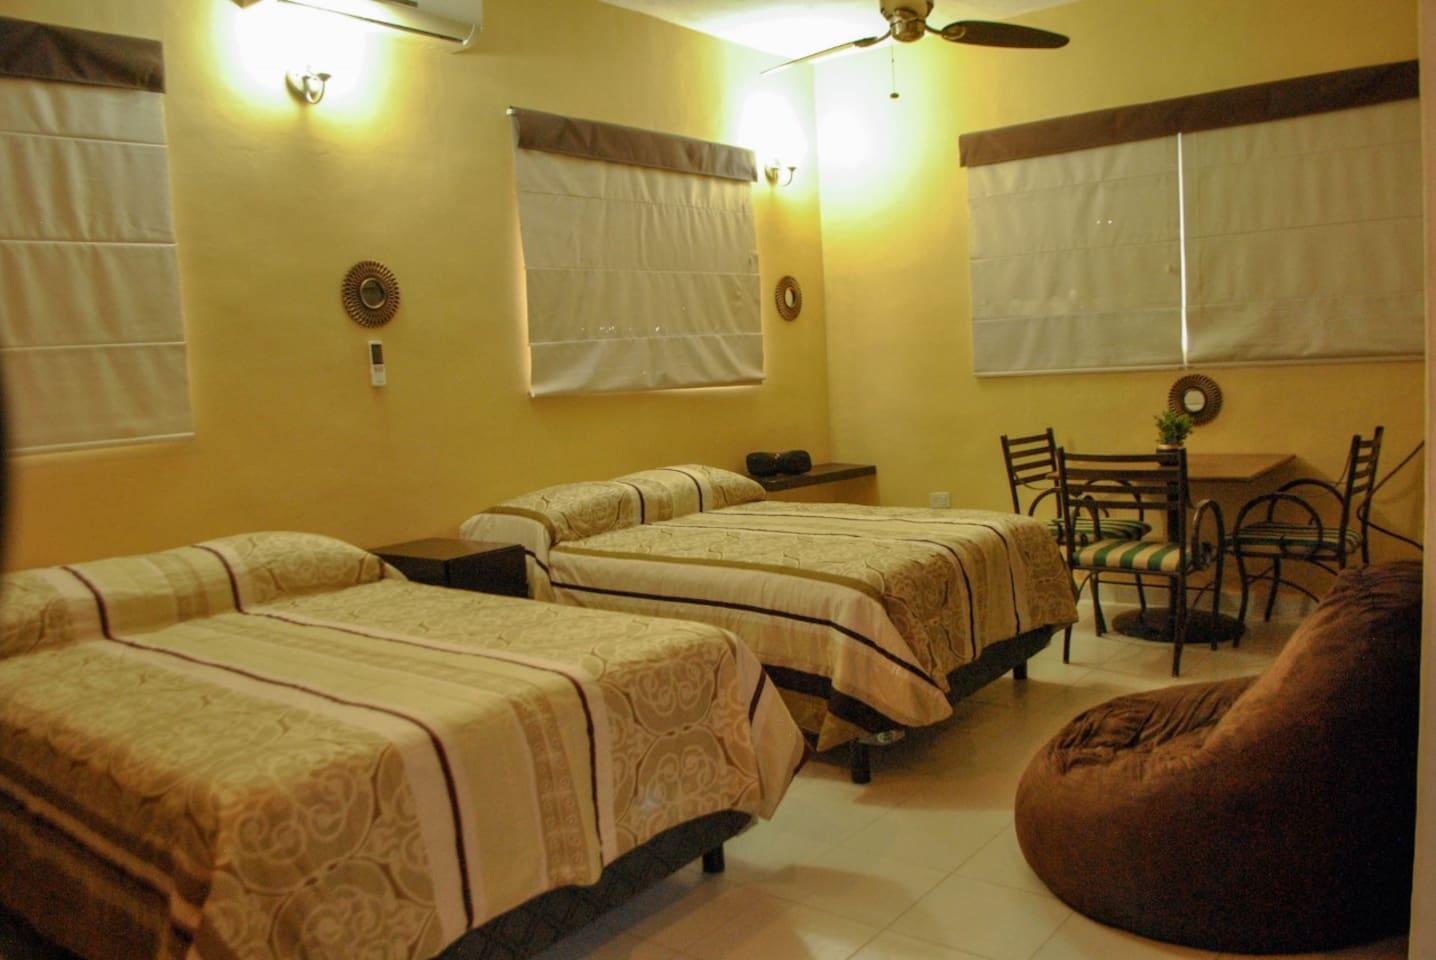 Dos camas matrimoniales, mesa, A/A, baño amplio privado, closet amplio y tocador para maquillaje con espejo.